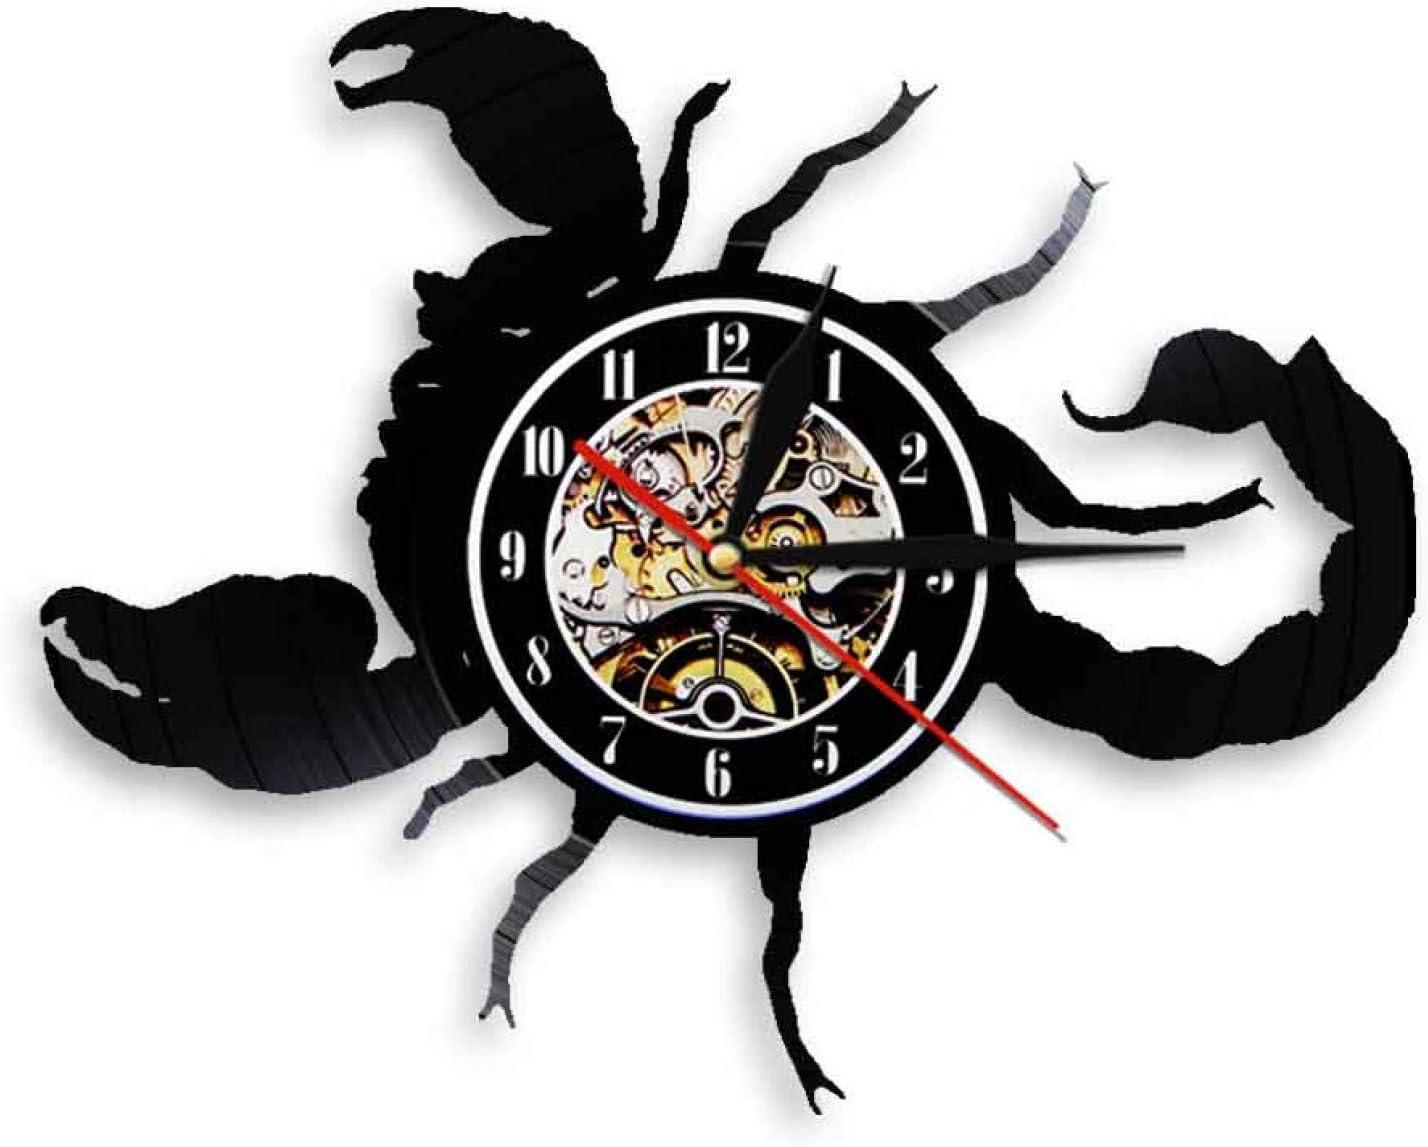 ZFANGY Escorpio Relojes Zodiaco Arte de la Pared Signo de Estrella Reloj Colgante Iluminación LED Rock N Roll Vinilo LP Registro Reloj de Pared Regalo para Escorpio sin LED